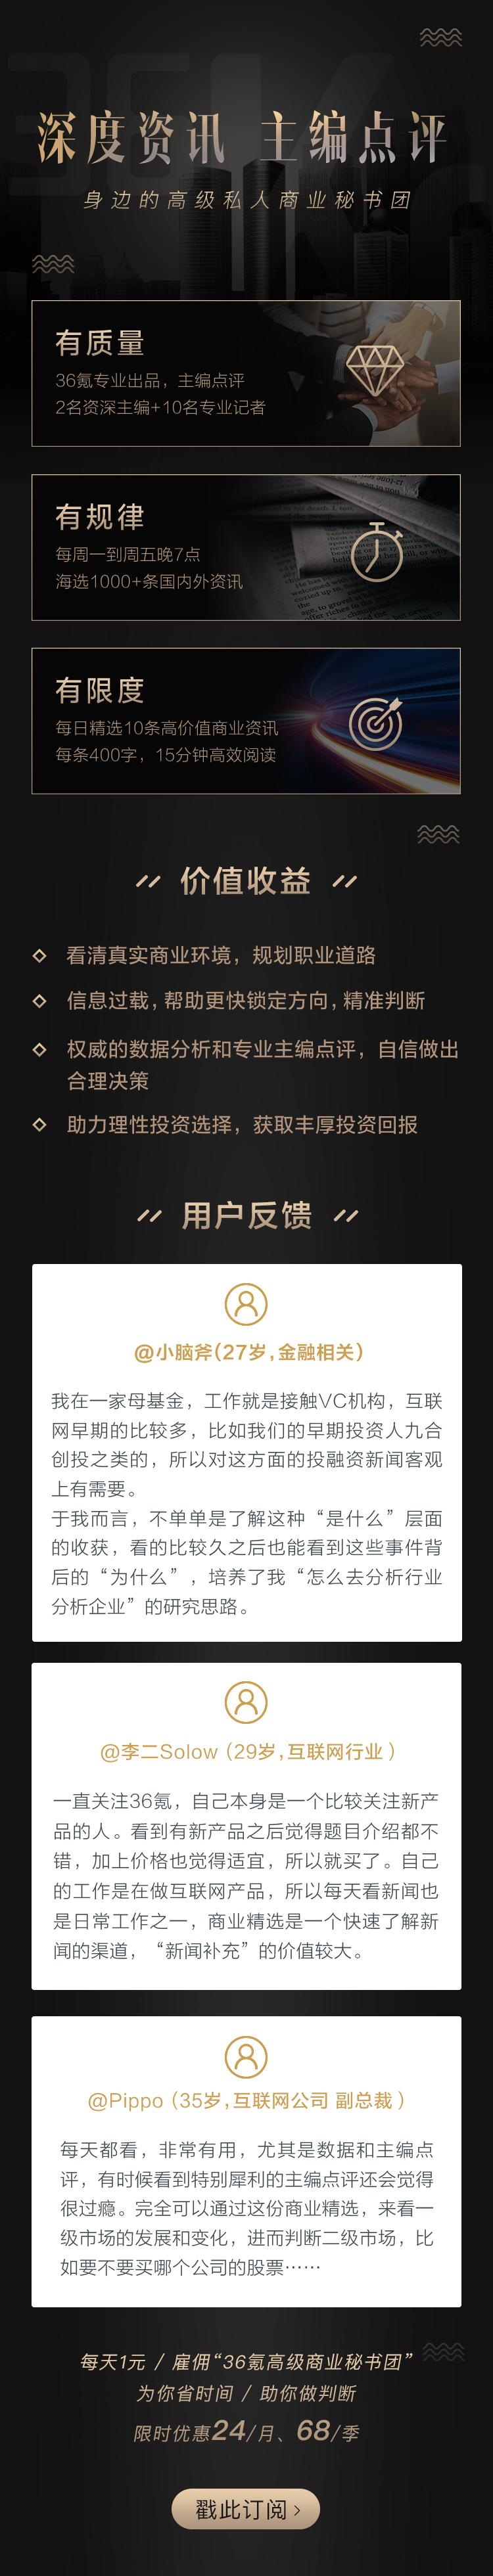 双方在文学作品版权开发上已有经验-新闻头条5dainban